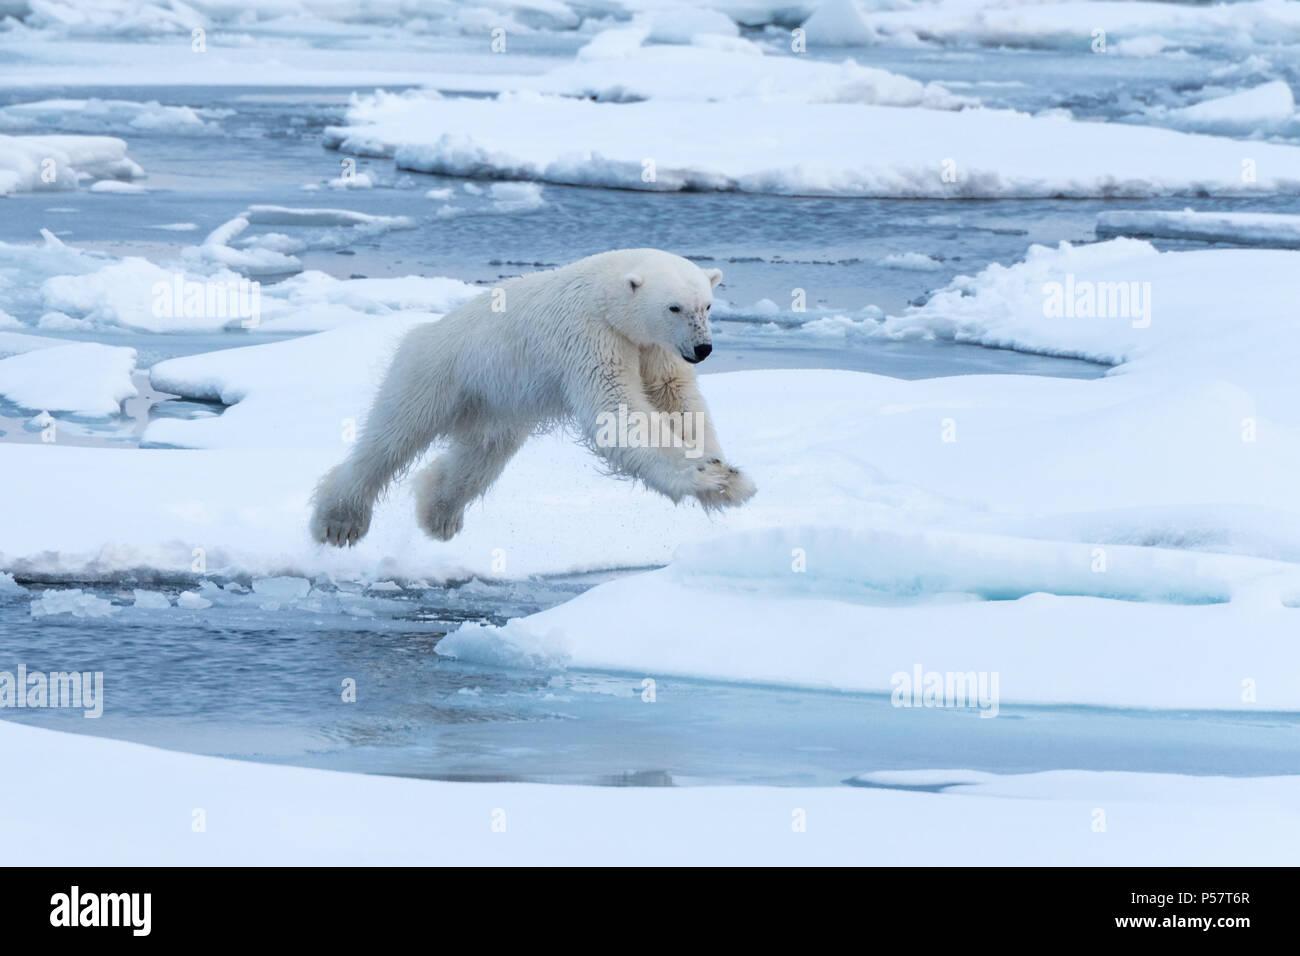 Le saut de l'ours polaire entre des blocs de glace Banque D'Images